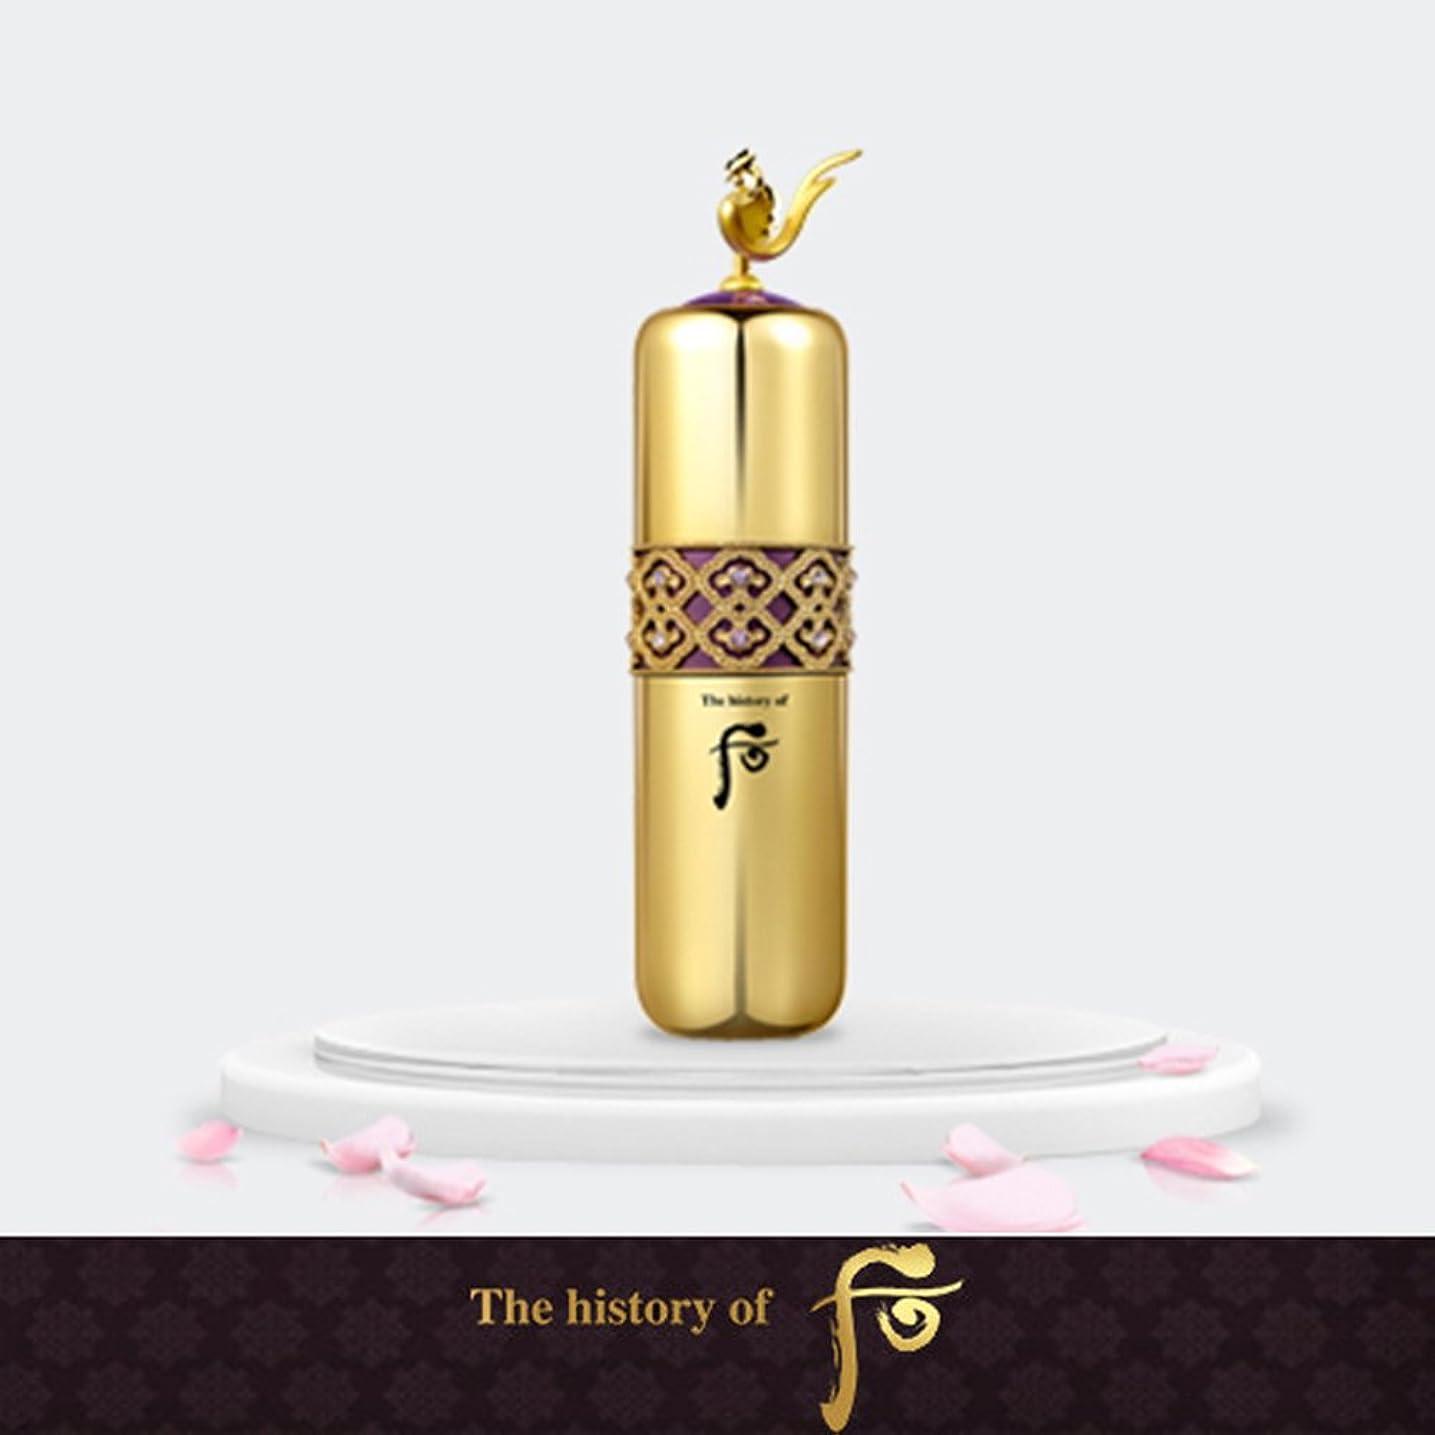 反逆カプラー圧縮【フー/The history of whoo] Whoo后 Hwanyu Signature Ampoule/后(フー)よりヒストリー?オブ?後環留保額アンプル40ml+[Sample Gift](海外直送品)